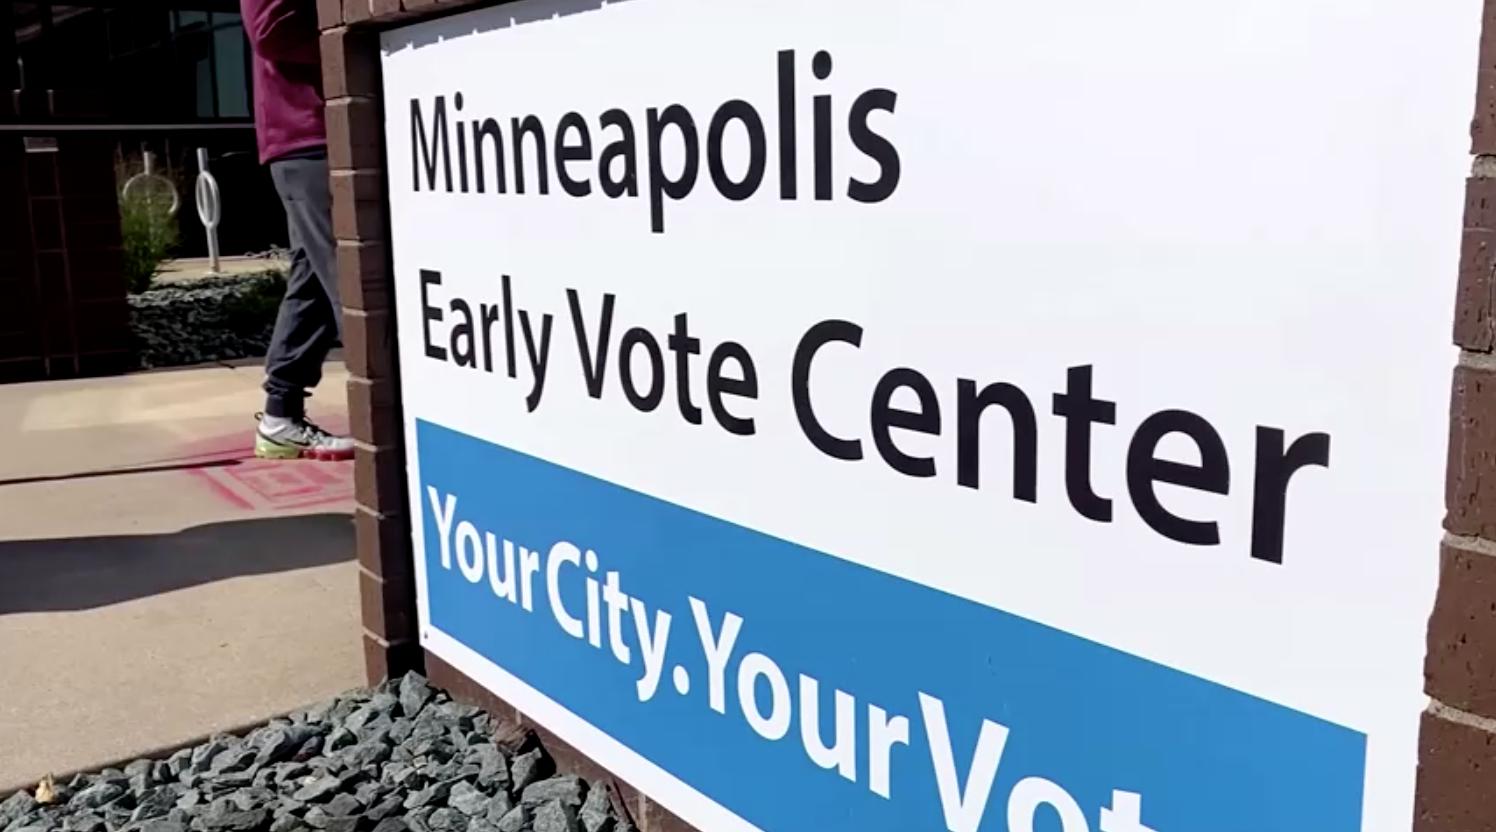 Các ứng cử viên Tổng Thống đến thăm Minnesota khi tiểu bang bắt đầu bầu cử sớm